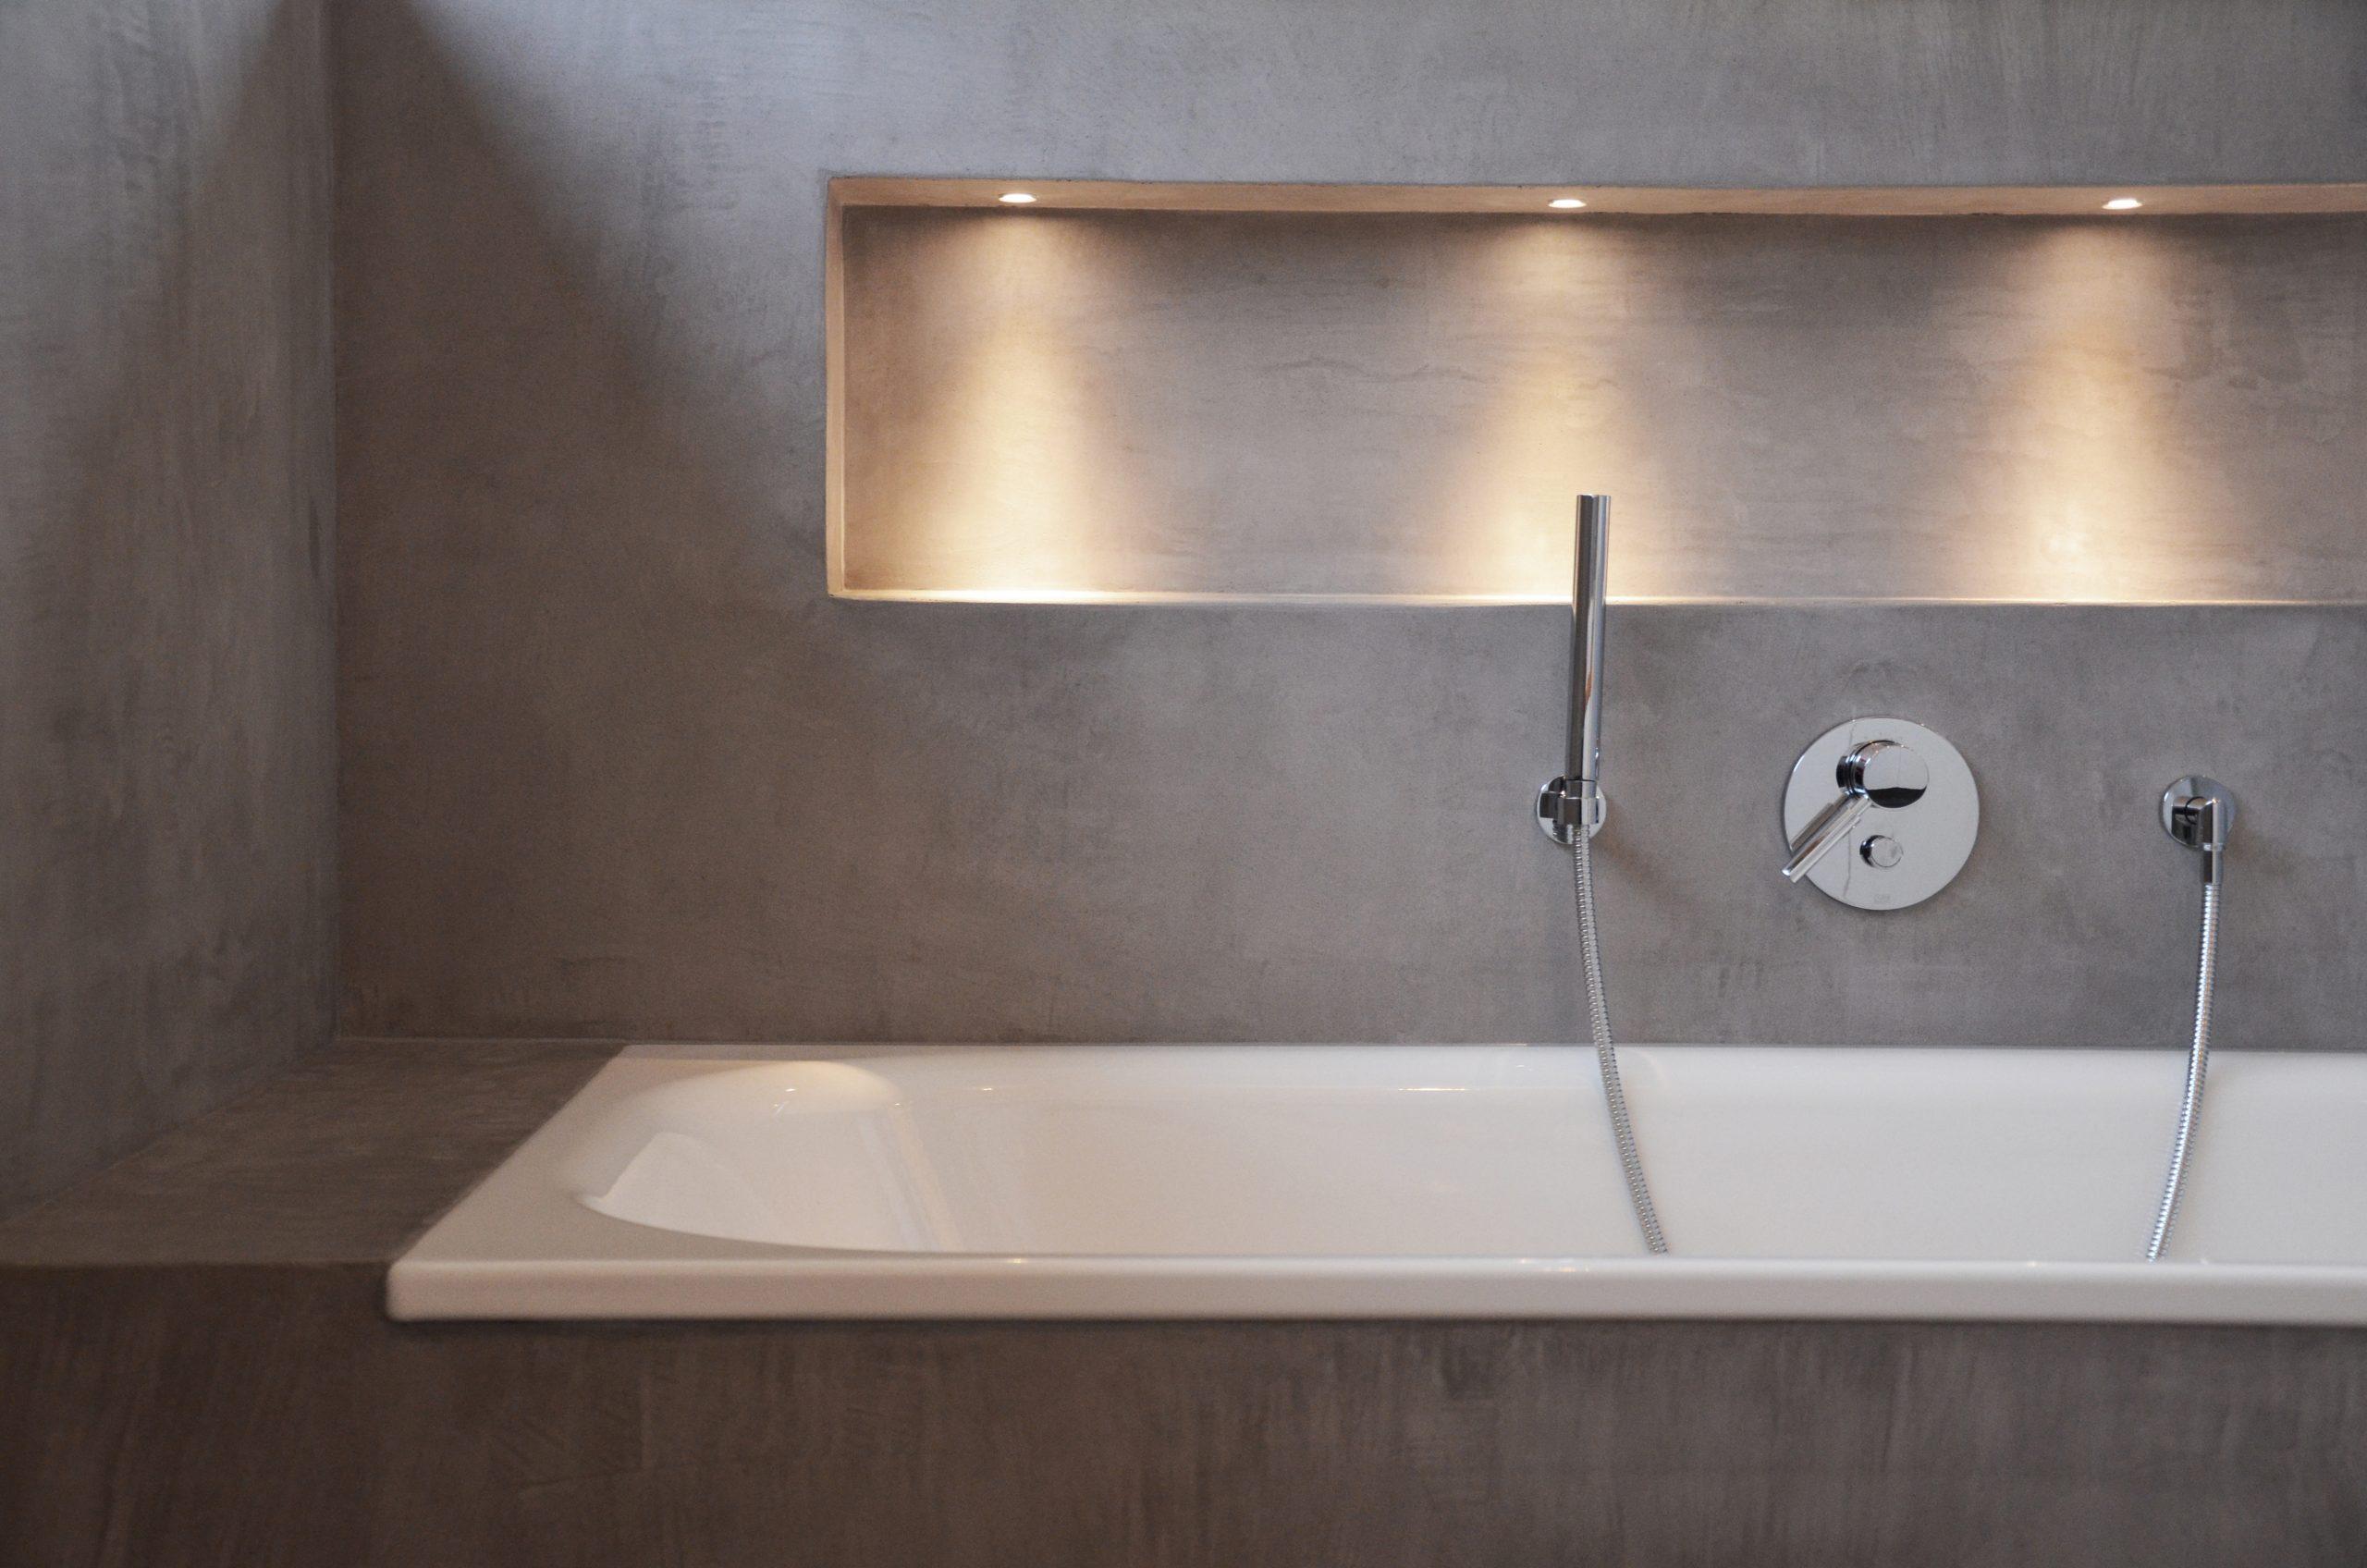 jacob-mayer-voigt-architekt-interior-design-architektur-holzhaus-design-badezimmer-badewanne